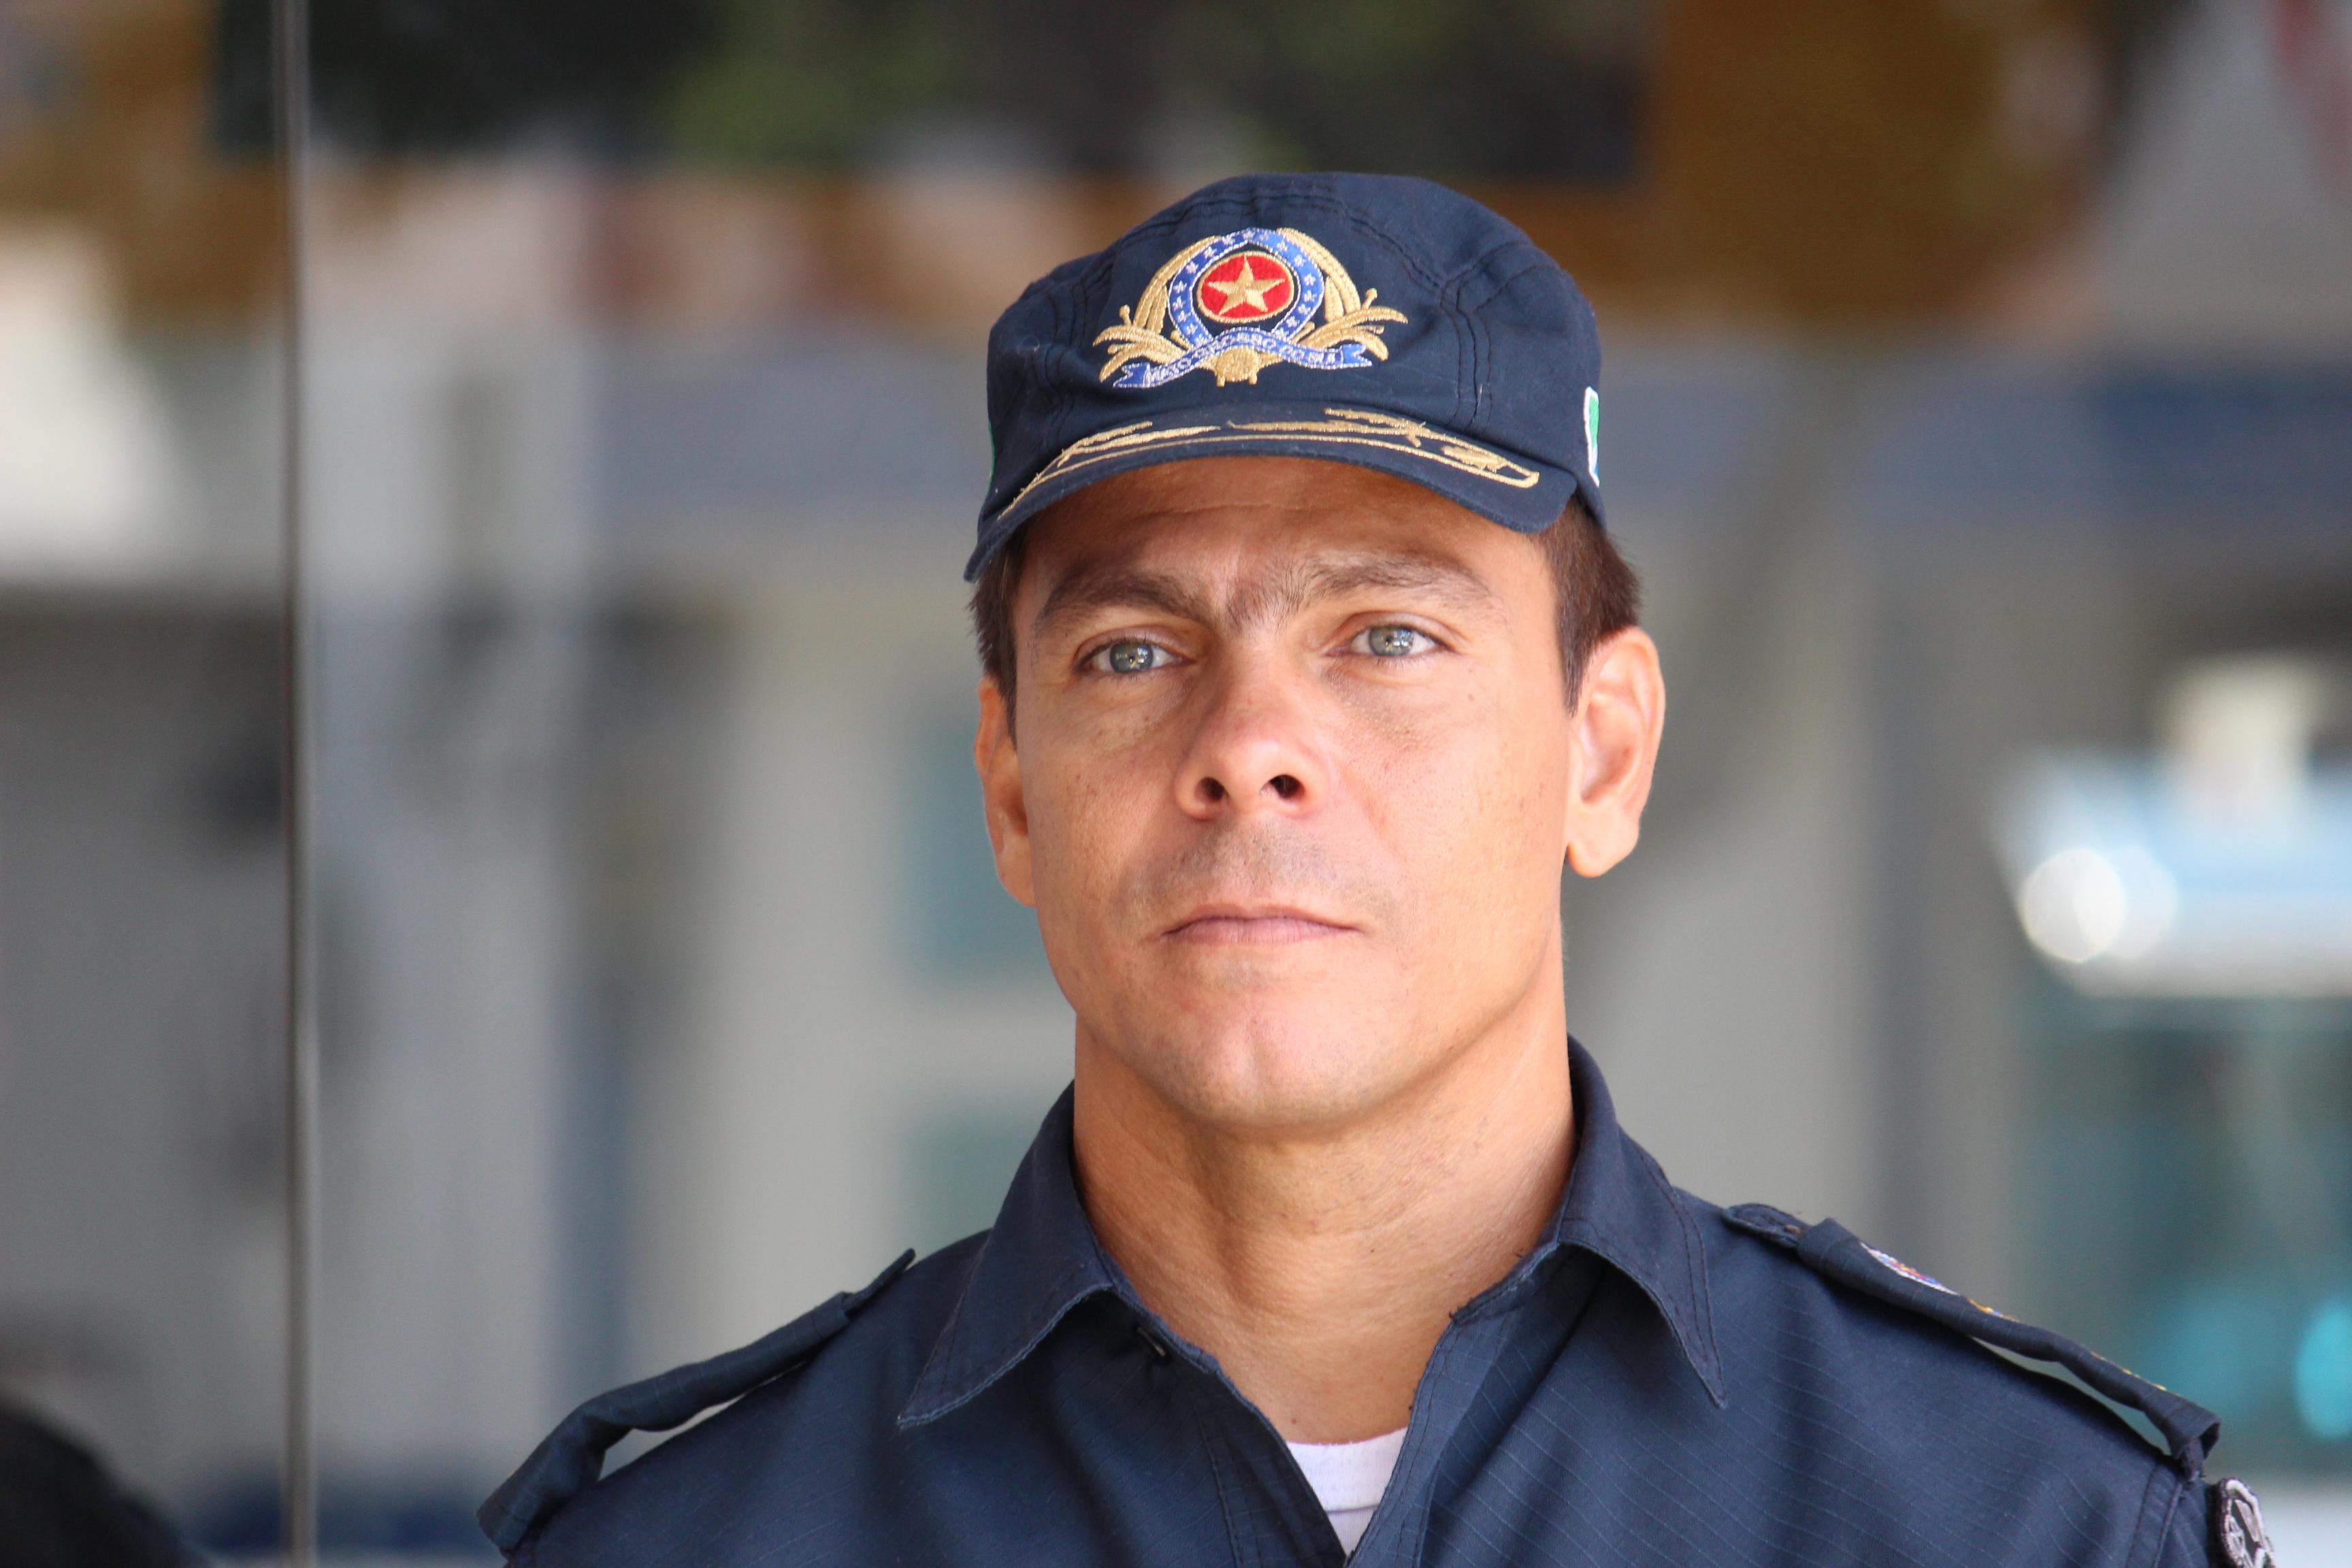 Comandante do 8º Batalhão de Polícia Militar, tenente-coronel André Henrique de Deus Macedo - Foto: Jornal da Nova